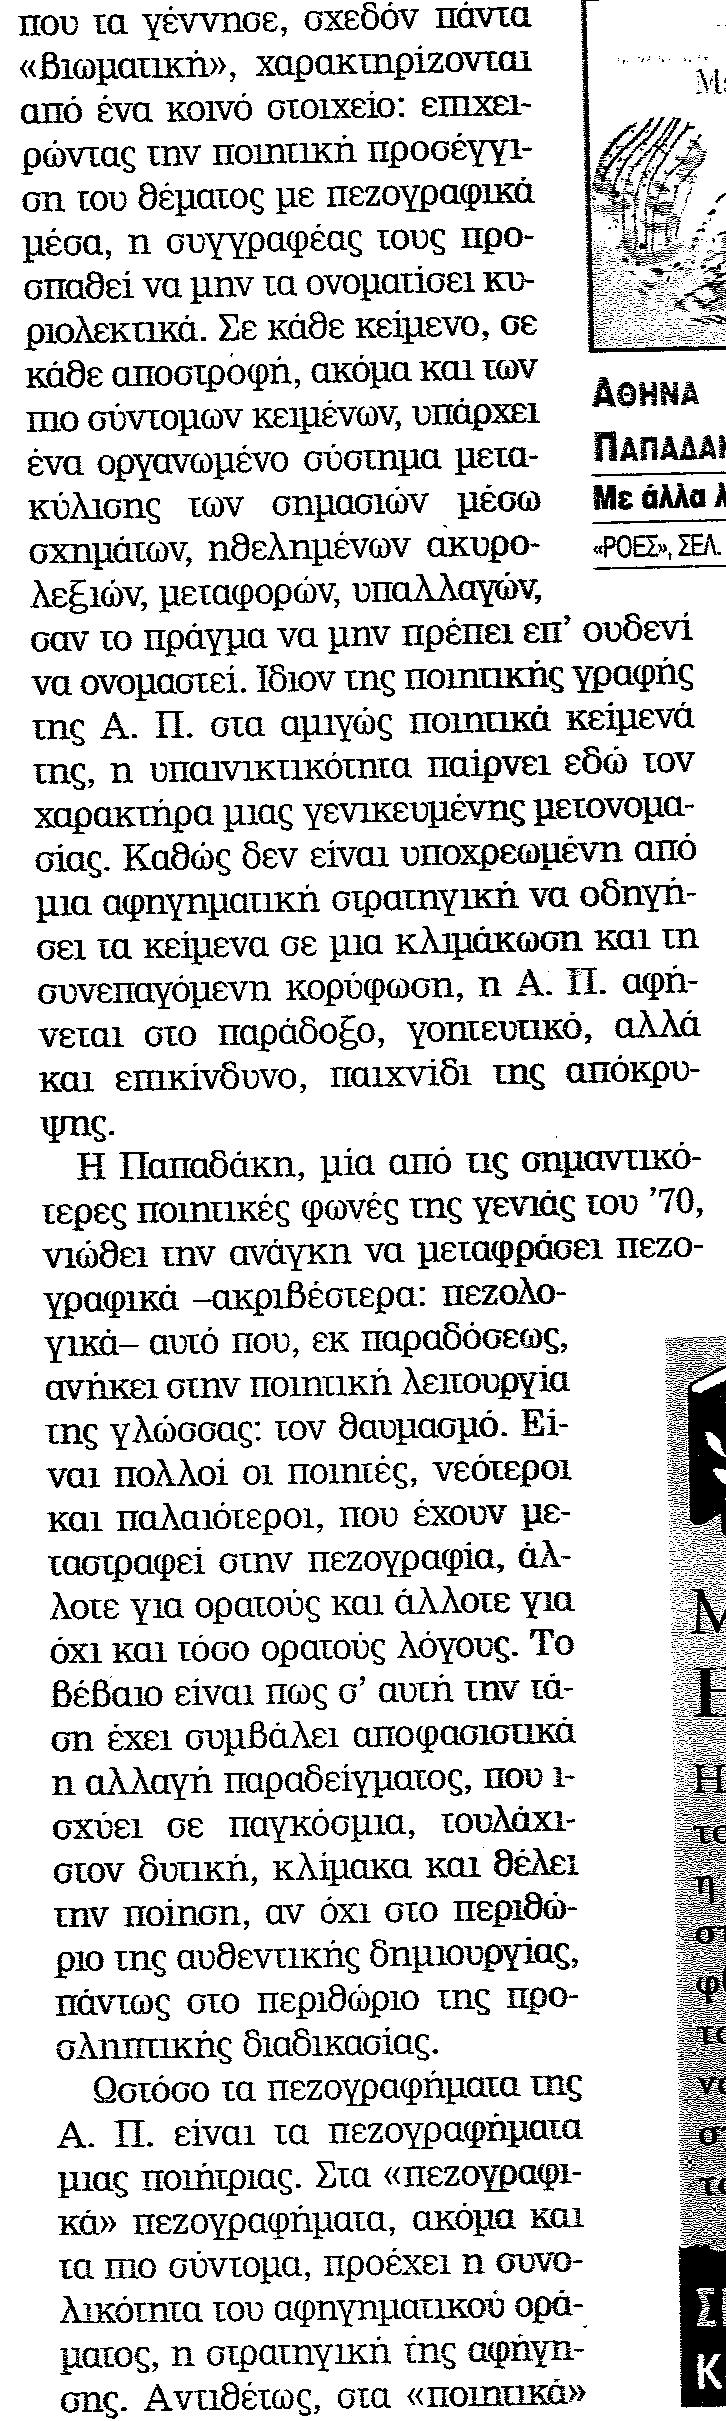 ΓΙΩΡΓΟΣ ΞΕΝΑΡΙΟΣ, Η ΑΝΑΠΤΥΞΗ ΜΙΑΣ ΣΤΙΓΜΗΣ2